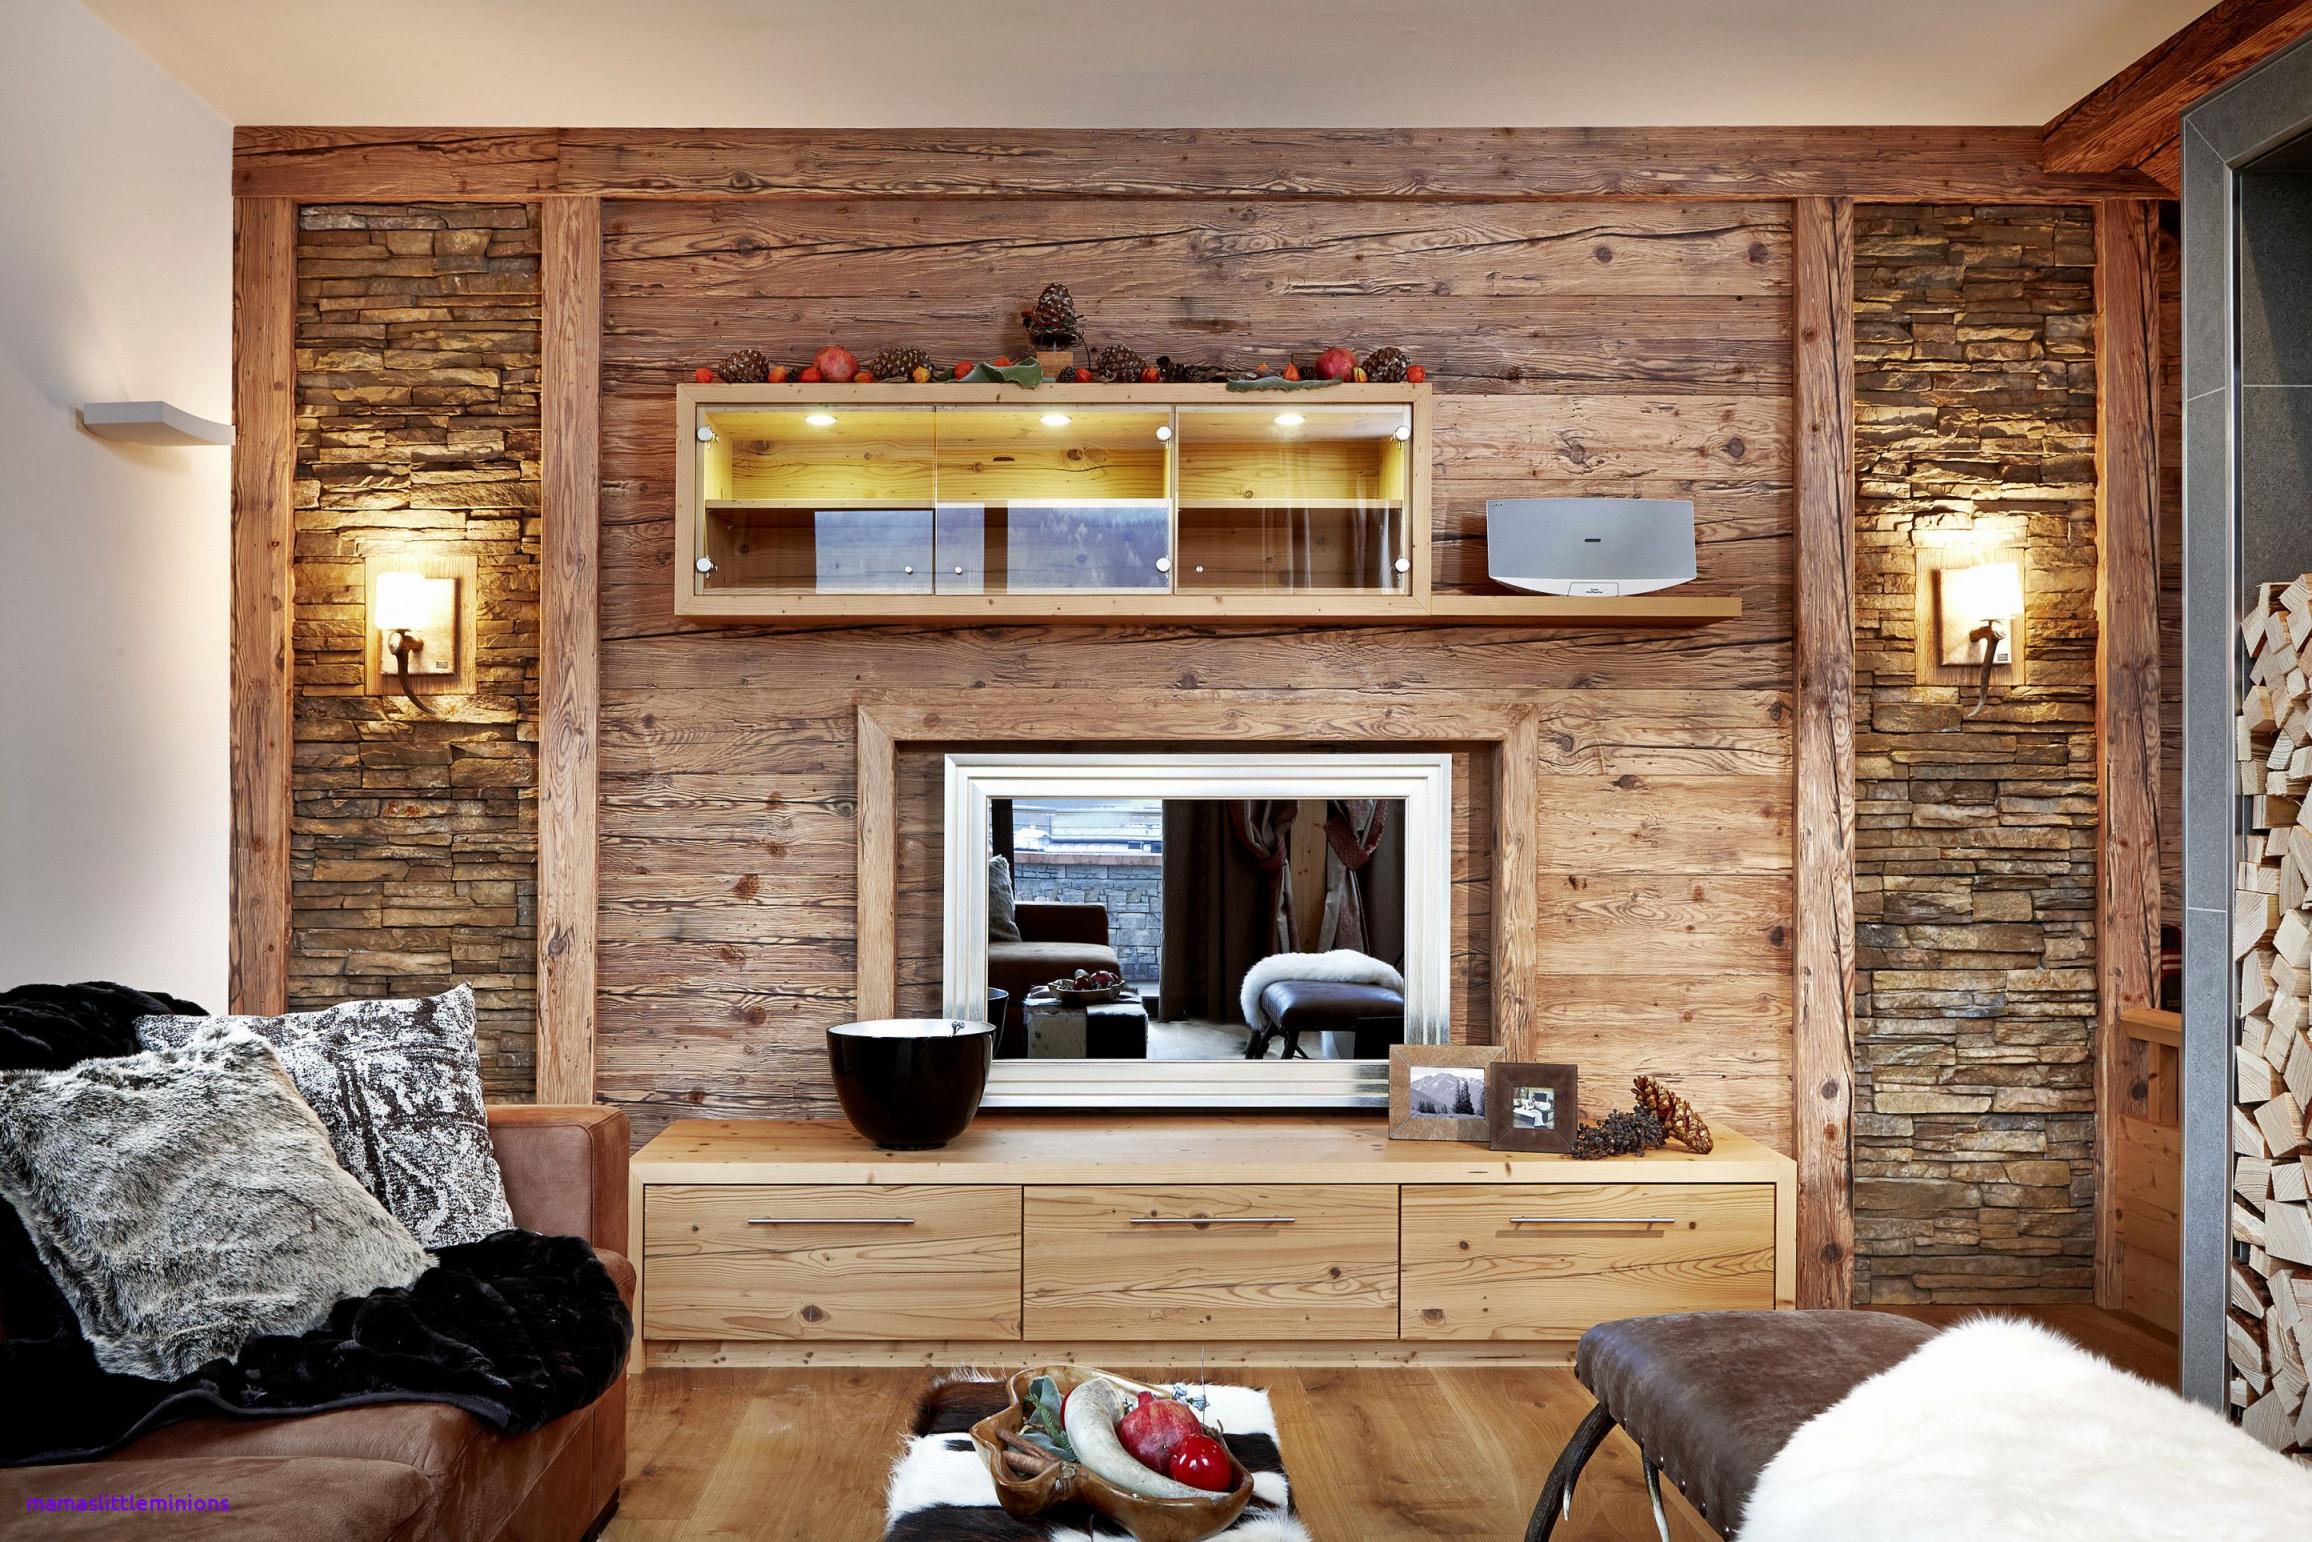 Wohnzimmer Ideen Holzbalken  Schöne Wohnzimmer Altholz von Wohnzimmer Ideen Holz Photo